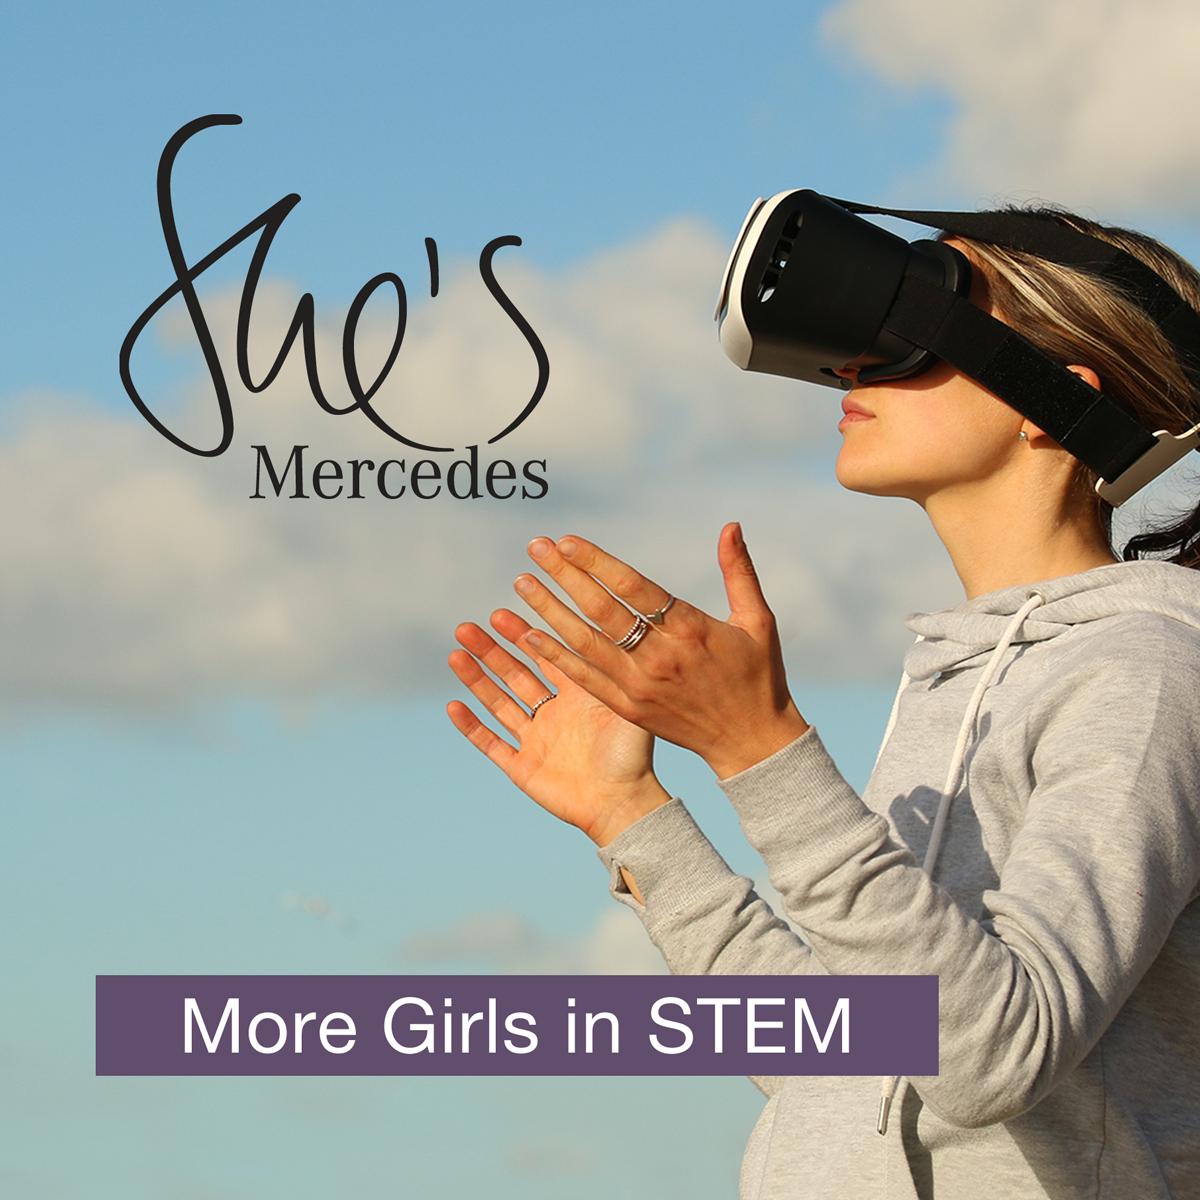 She's Mercedes-More girls in STEM